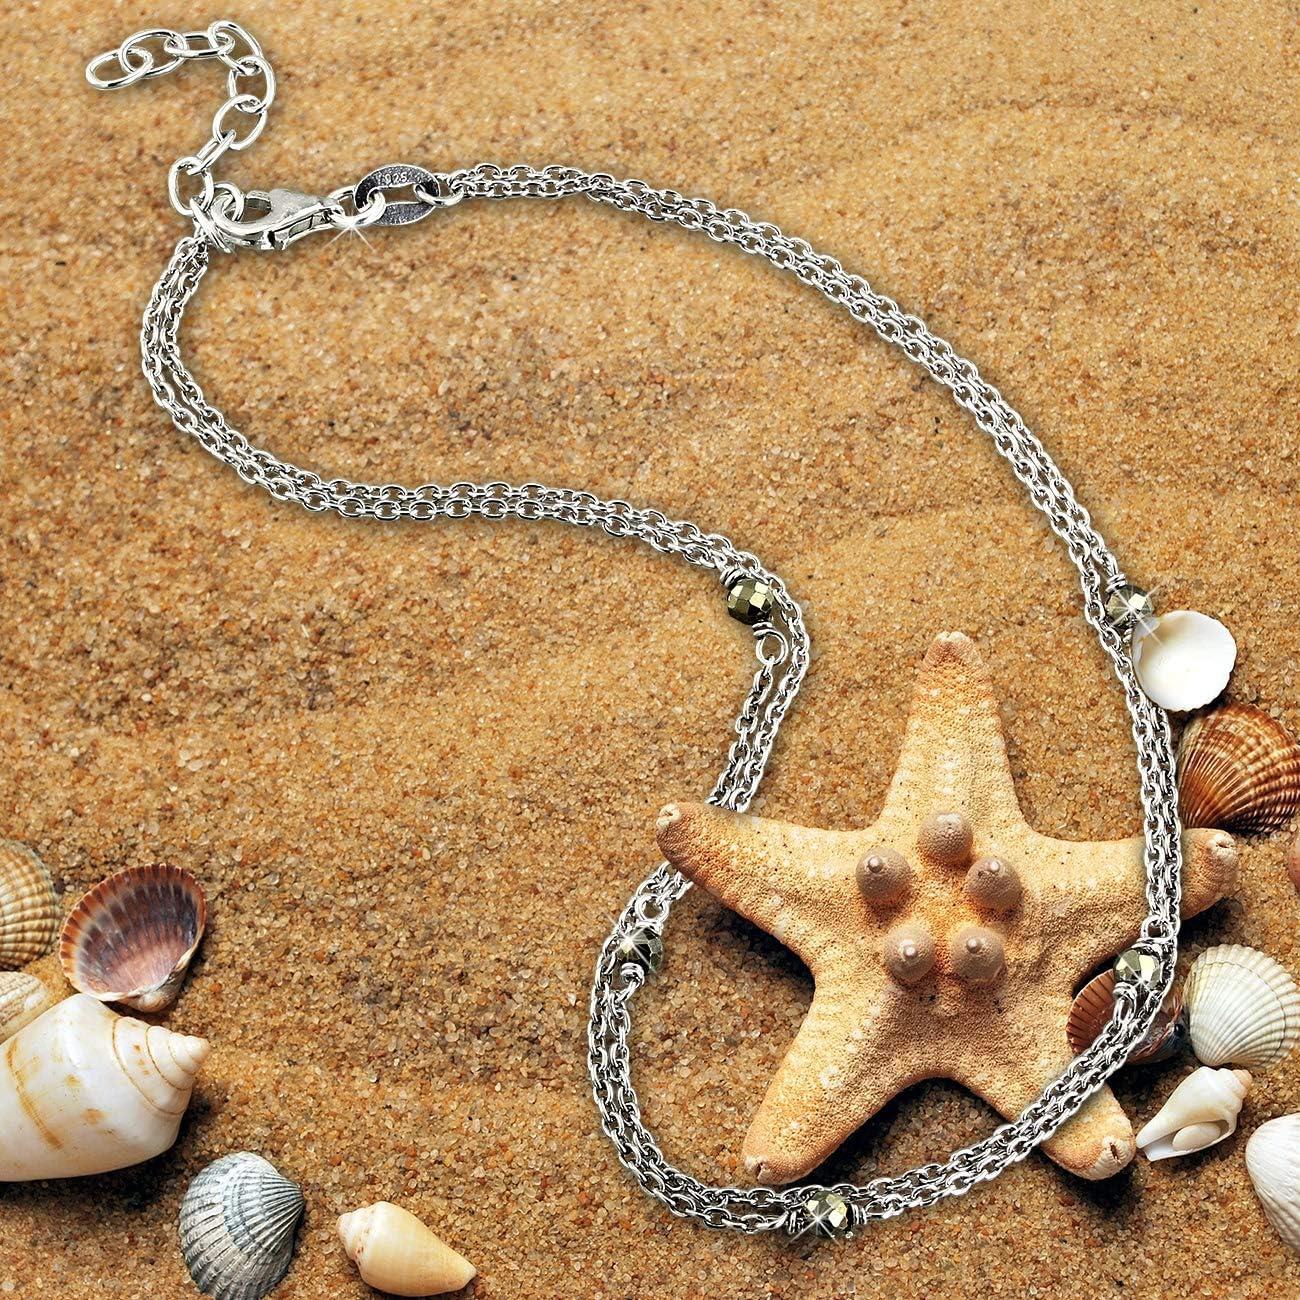 SilberDream SDF5005K Pyrit Cha/îne de cheville pour femme en argent 925 25 cm